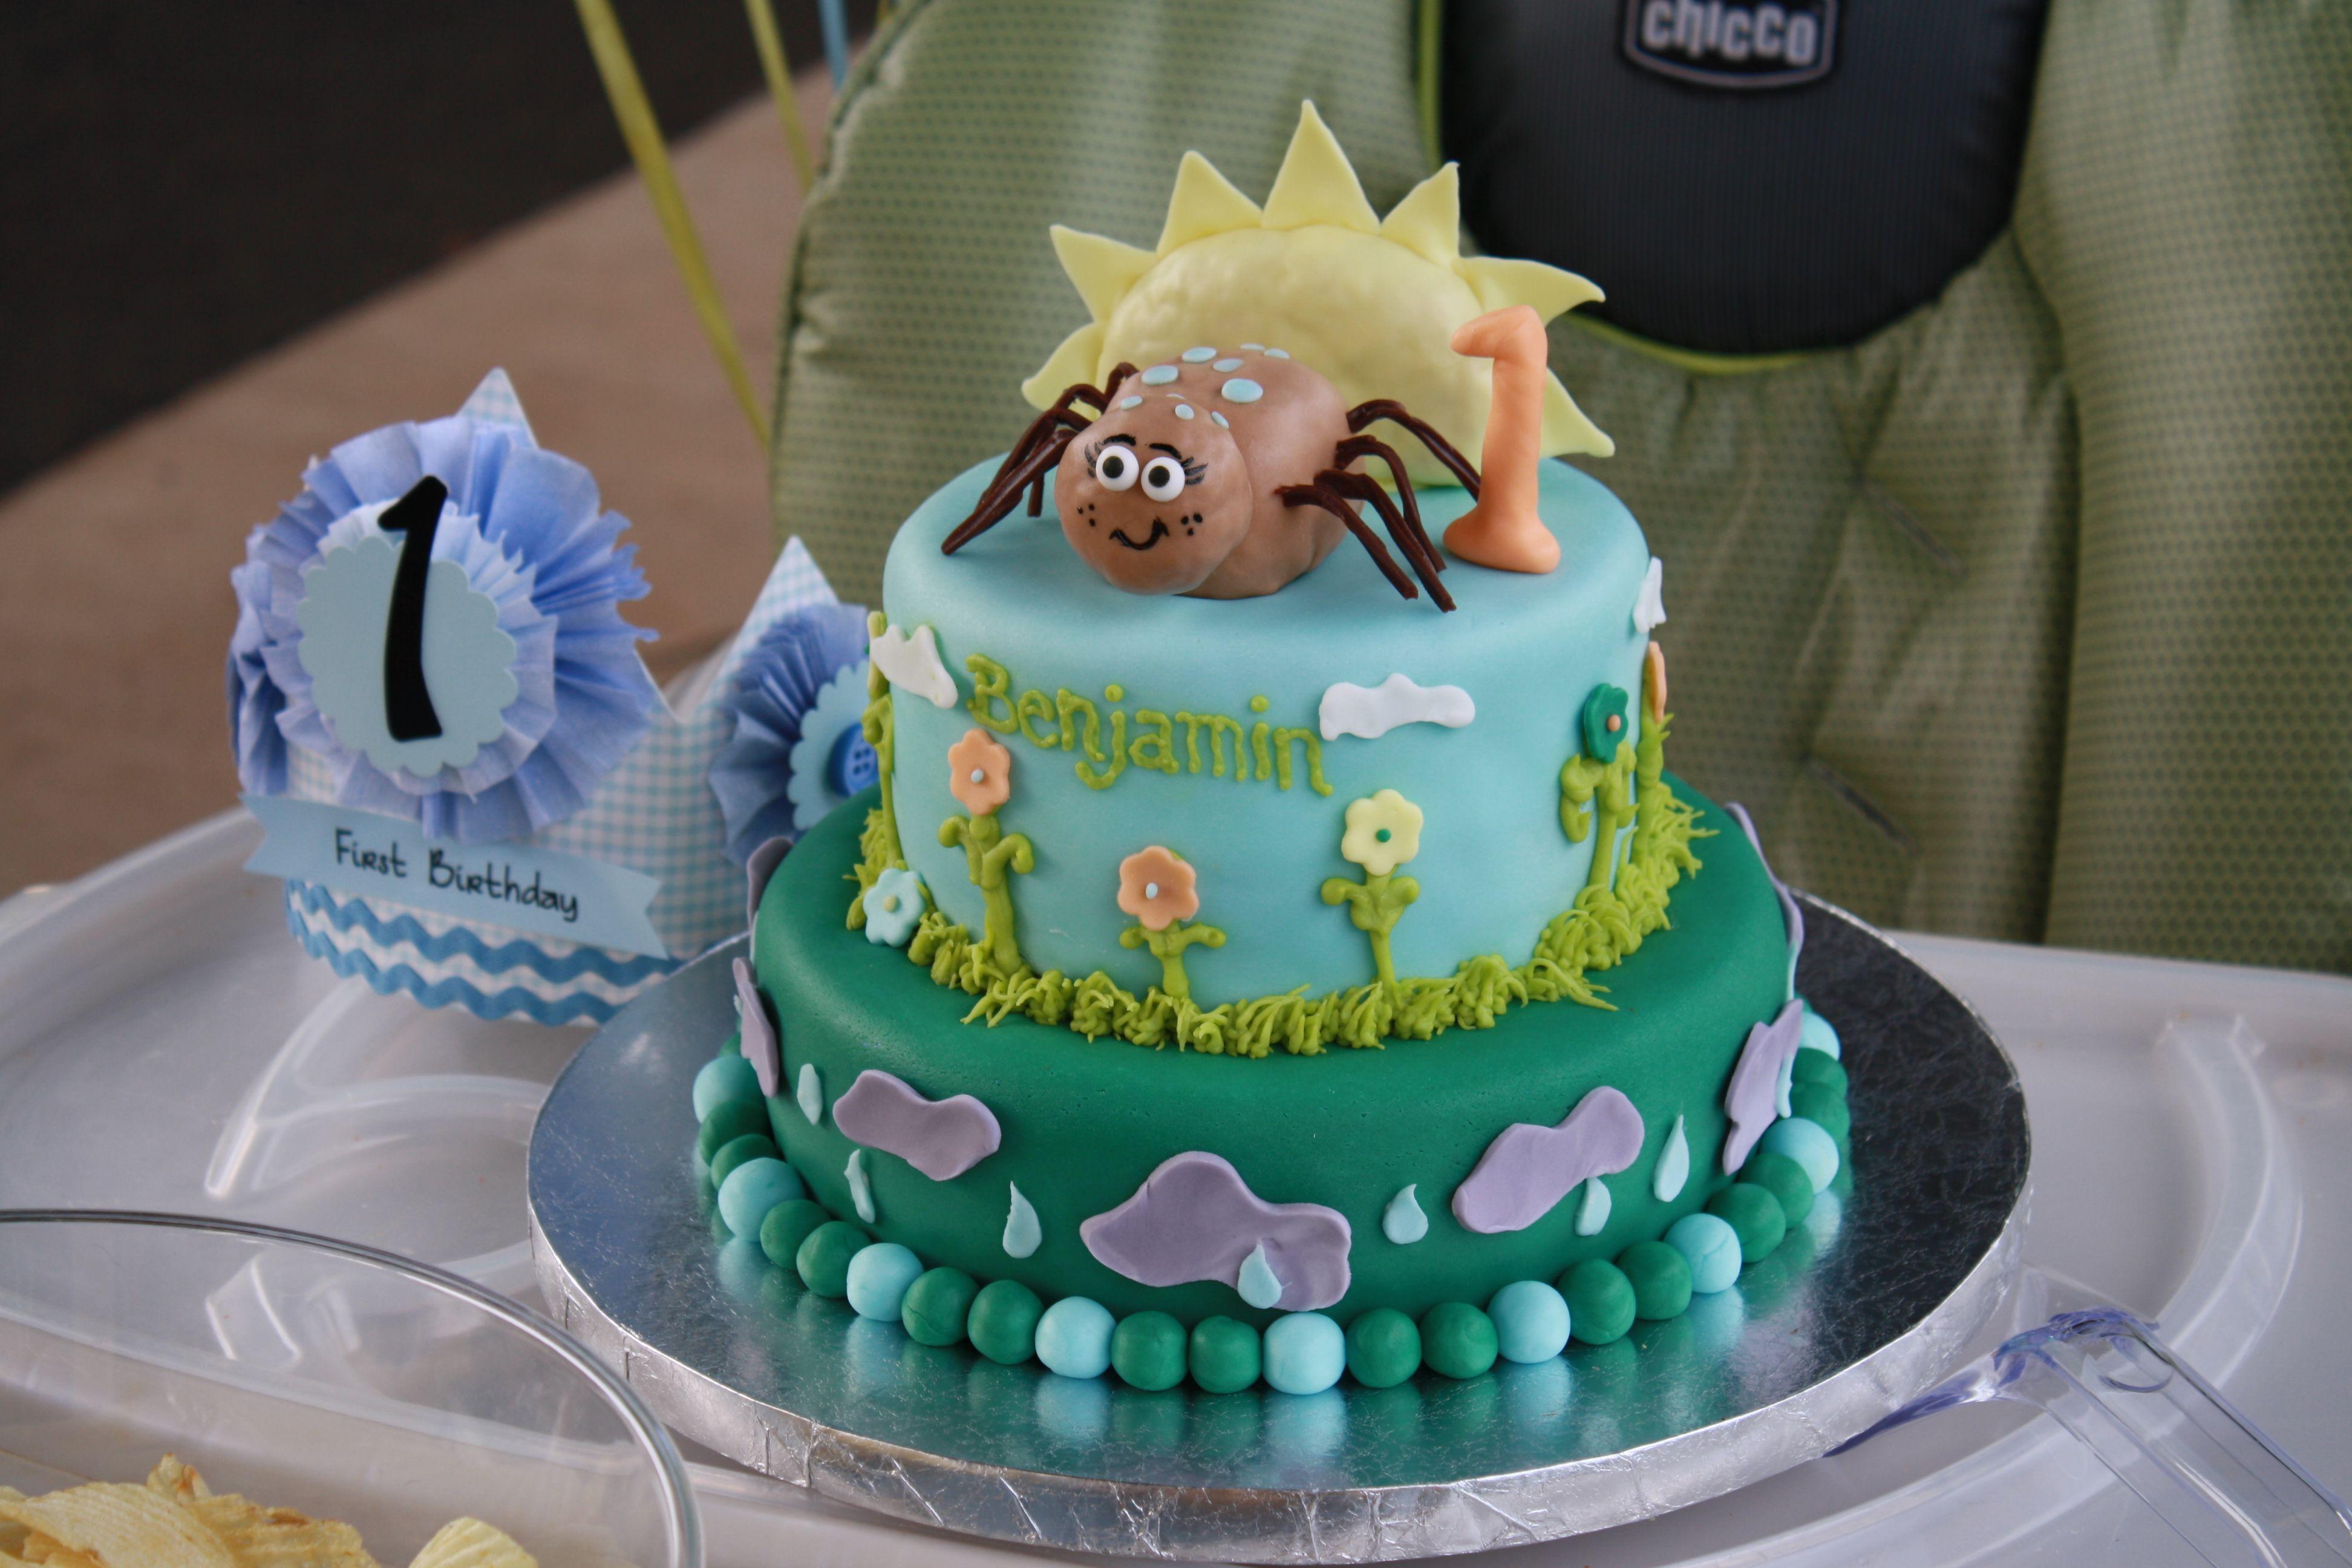 Itsy bitsy spider first birthday cake | emilee's Birthday ...